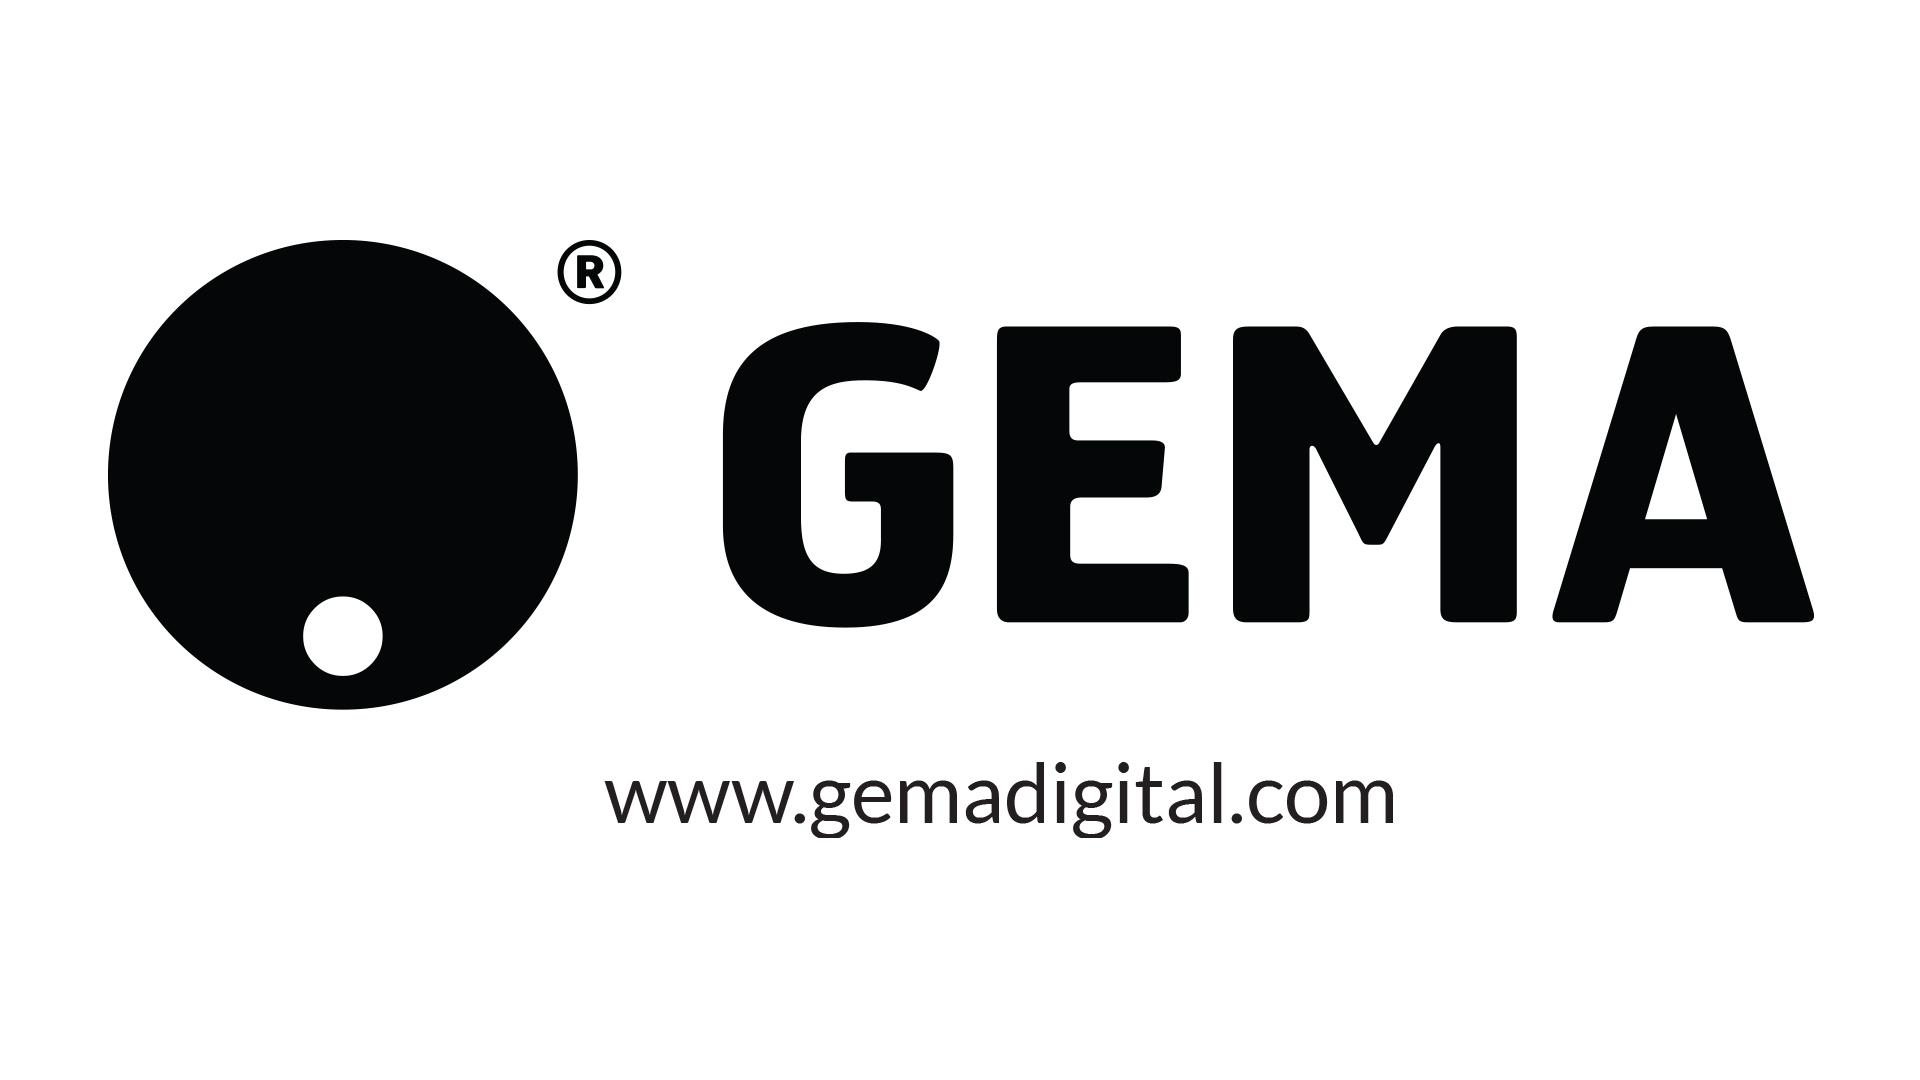 LogoGema_HR_wHITE.jpg